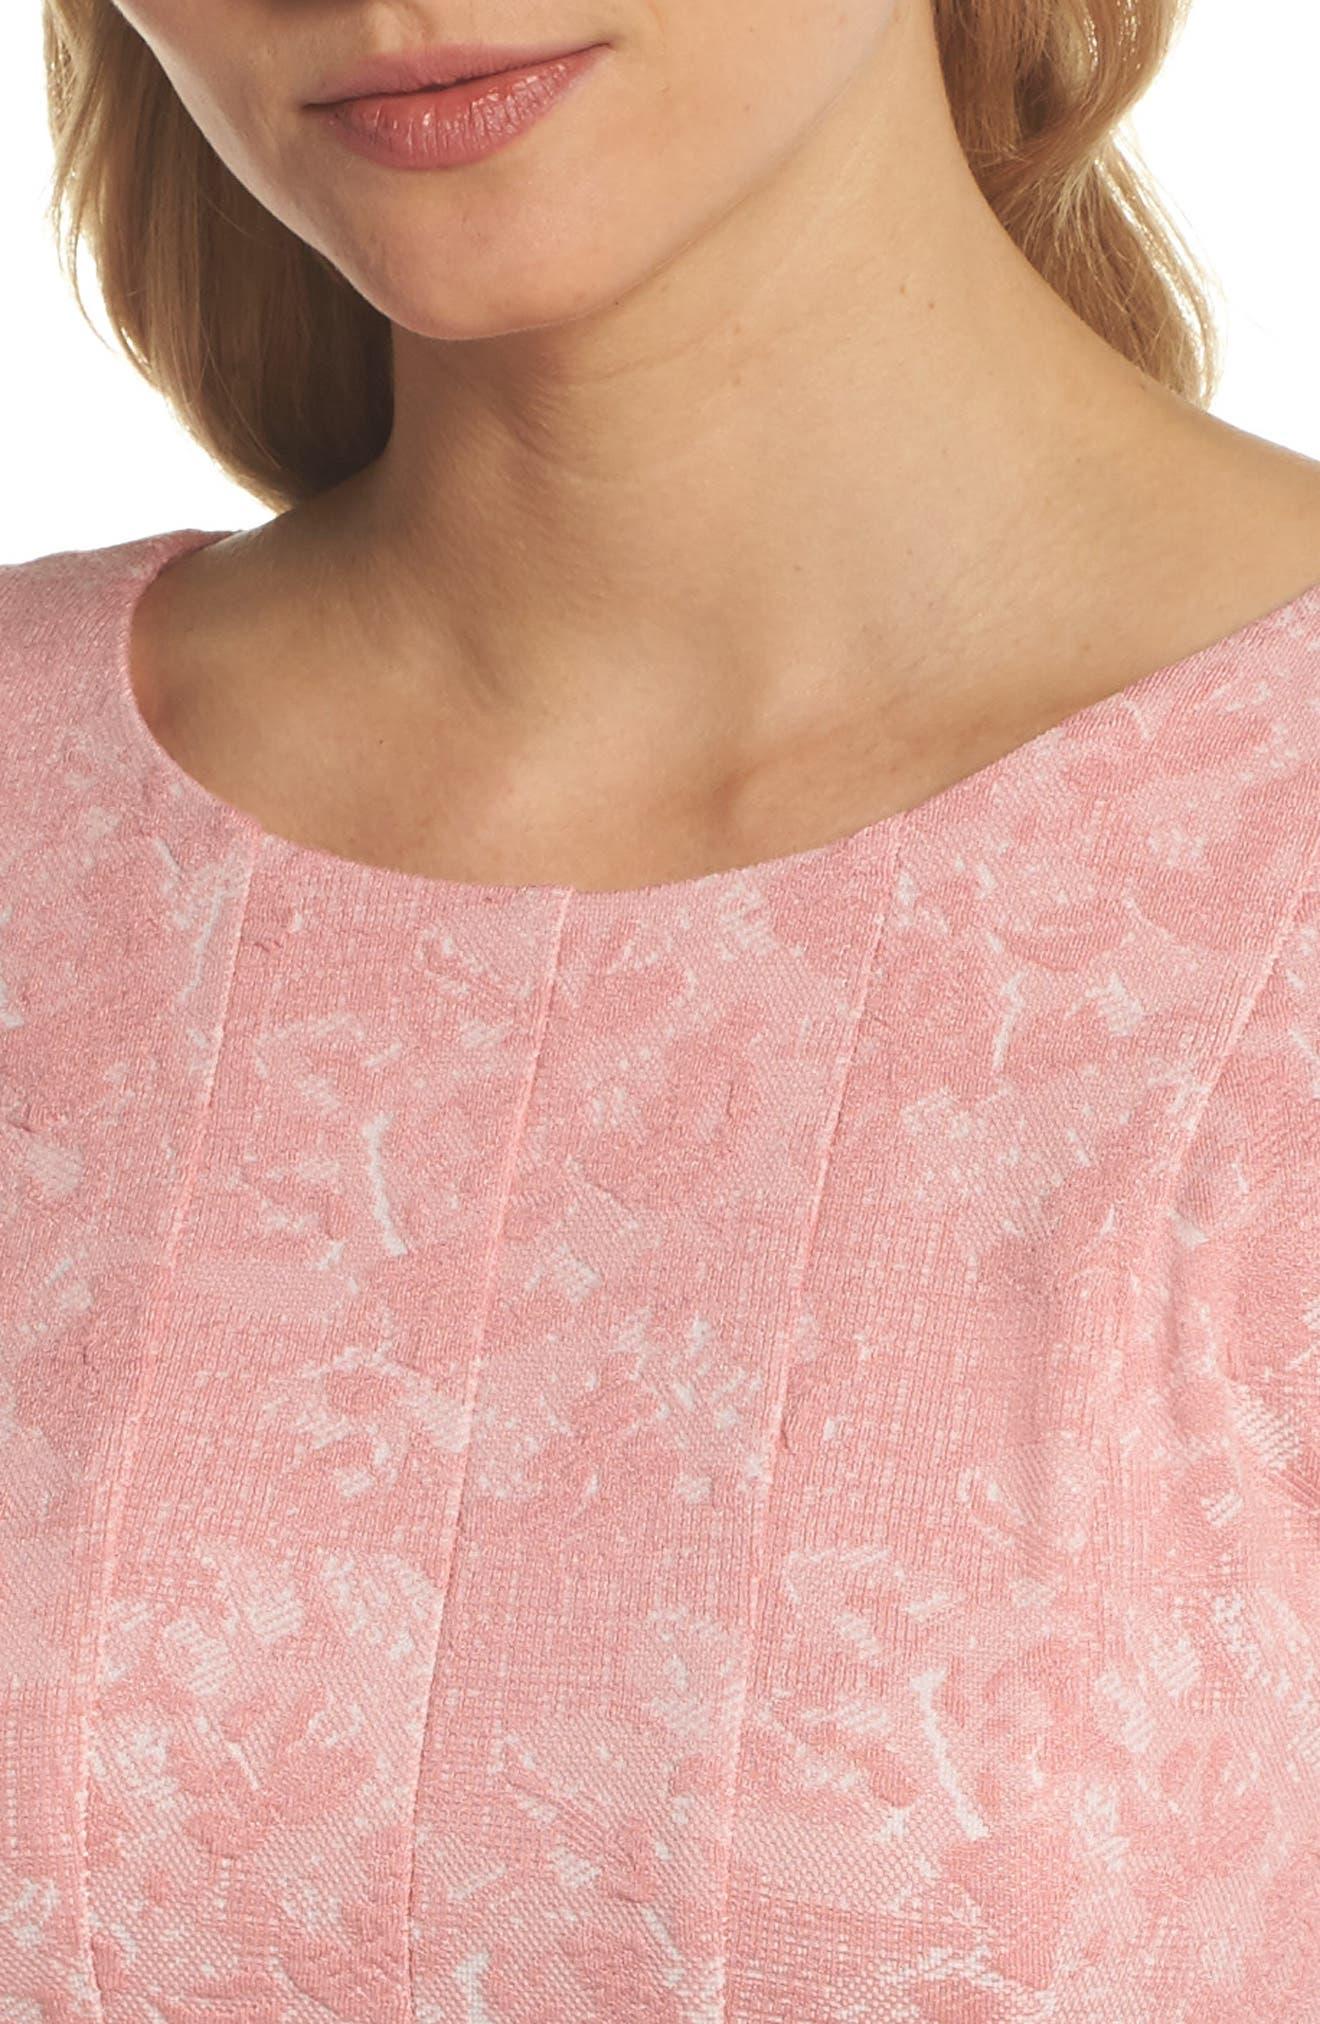 Jacquard Knit Fit & Flare Dress,                             Alternate thumbnail 4, color,                             651